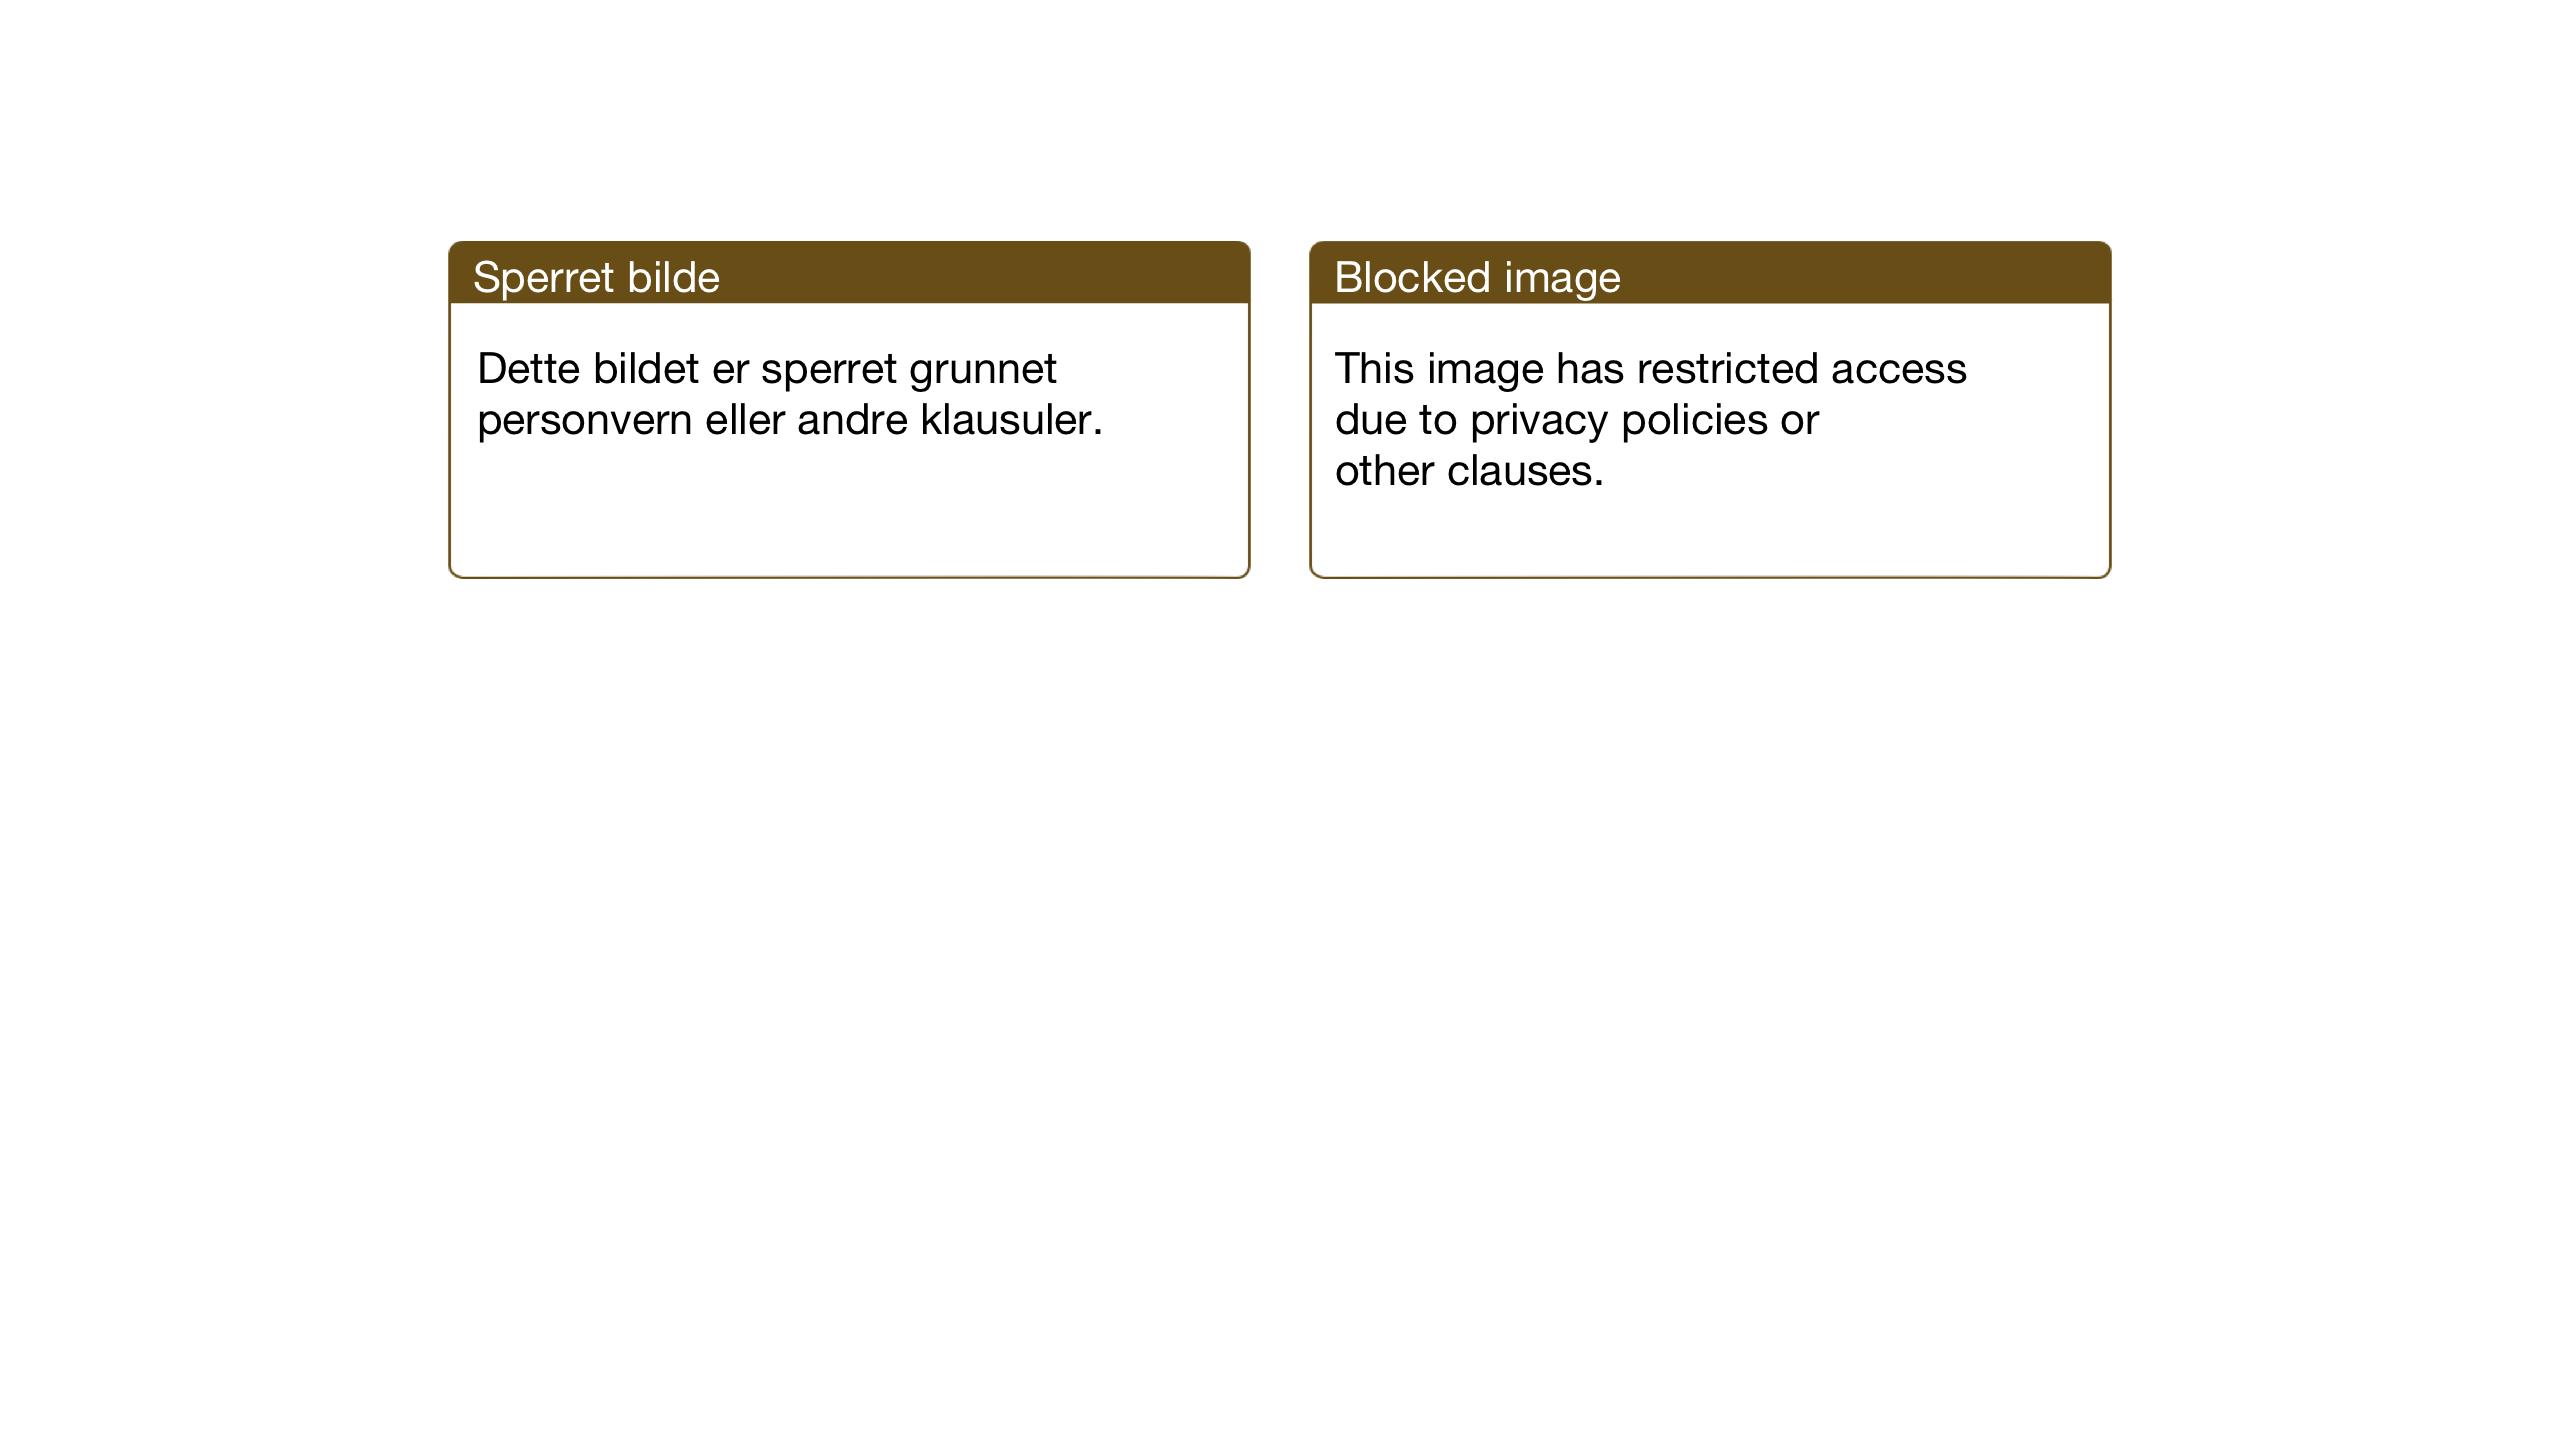 SAT, Ministerialprotokoller, klokkerbøker og fødselsregistre - Nord-Trøndelag, 722/L0227: Klokkerbok nr. 722C03, 1928-1958, s. 42